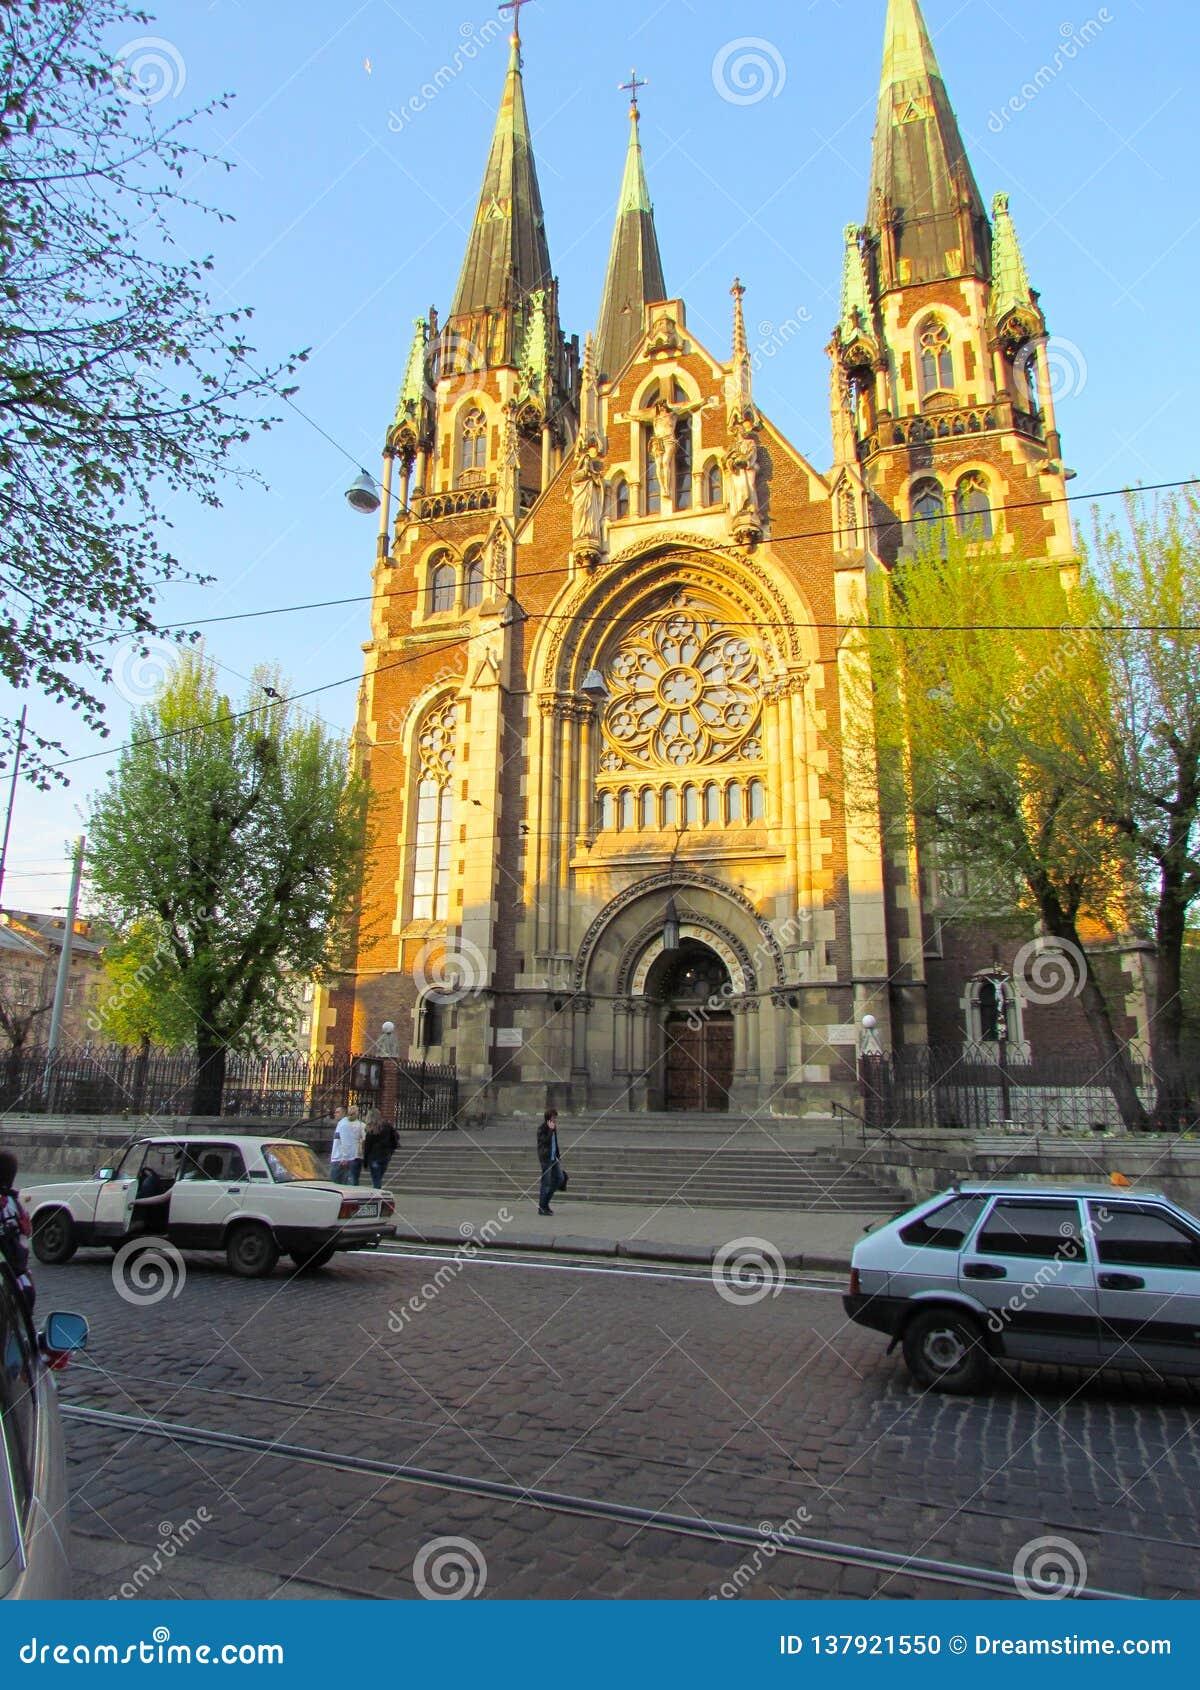 Iglesia hermosa, vieja en el estilo gótico, cerca de la calle de la ciudad